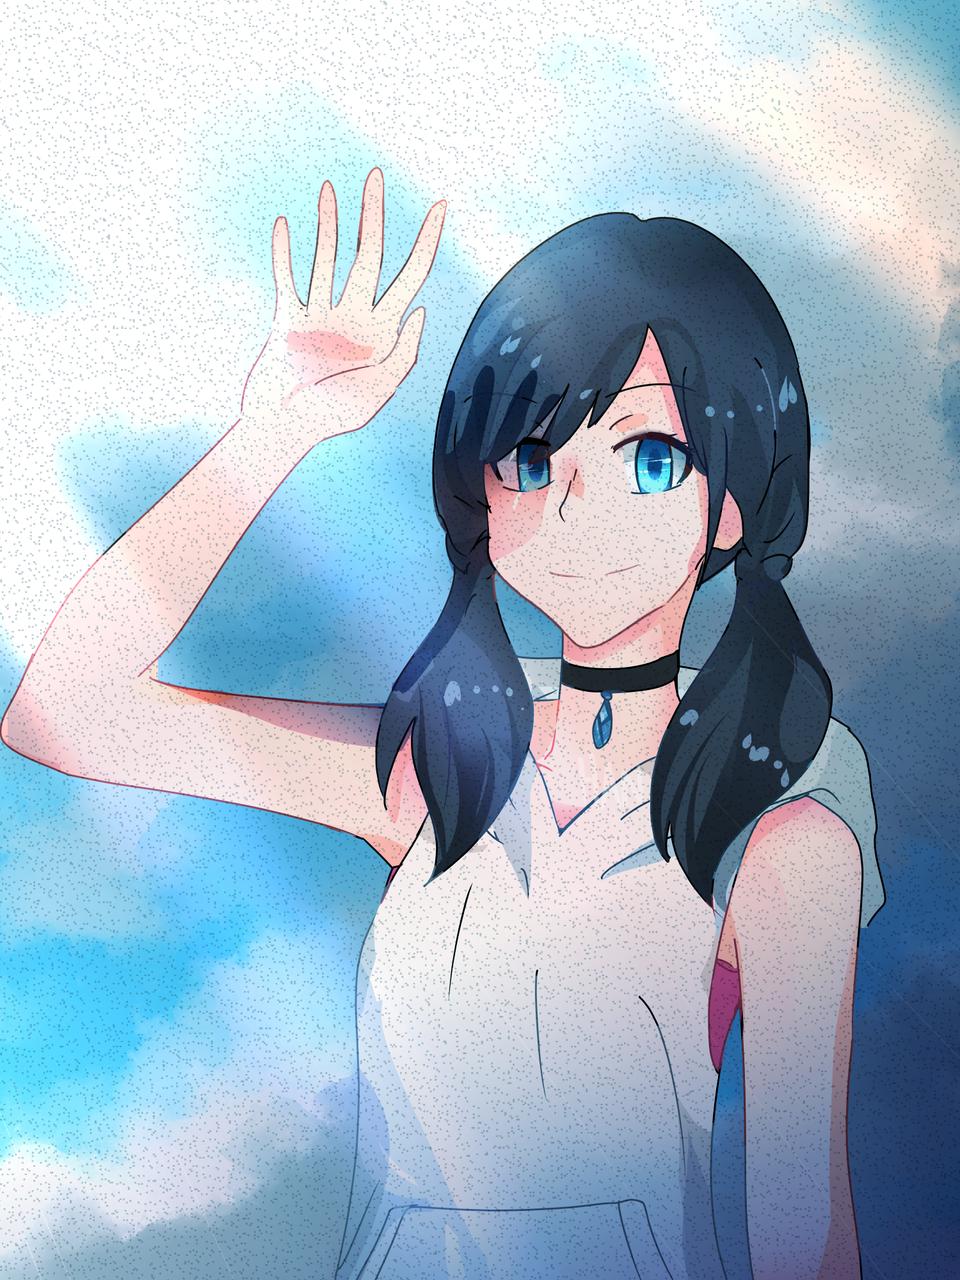 Hina Amano Illust of 23 medibangpaint tenkinoko animegirl